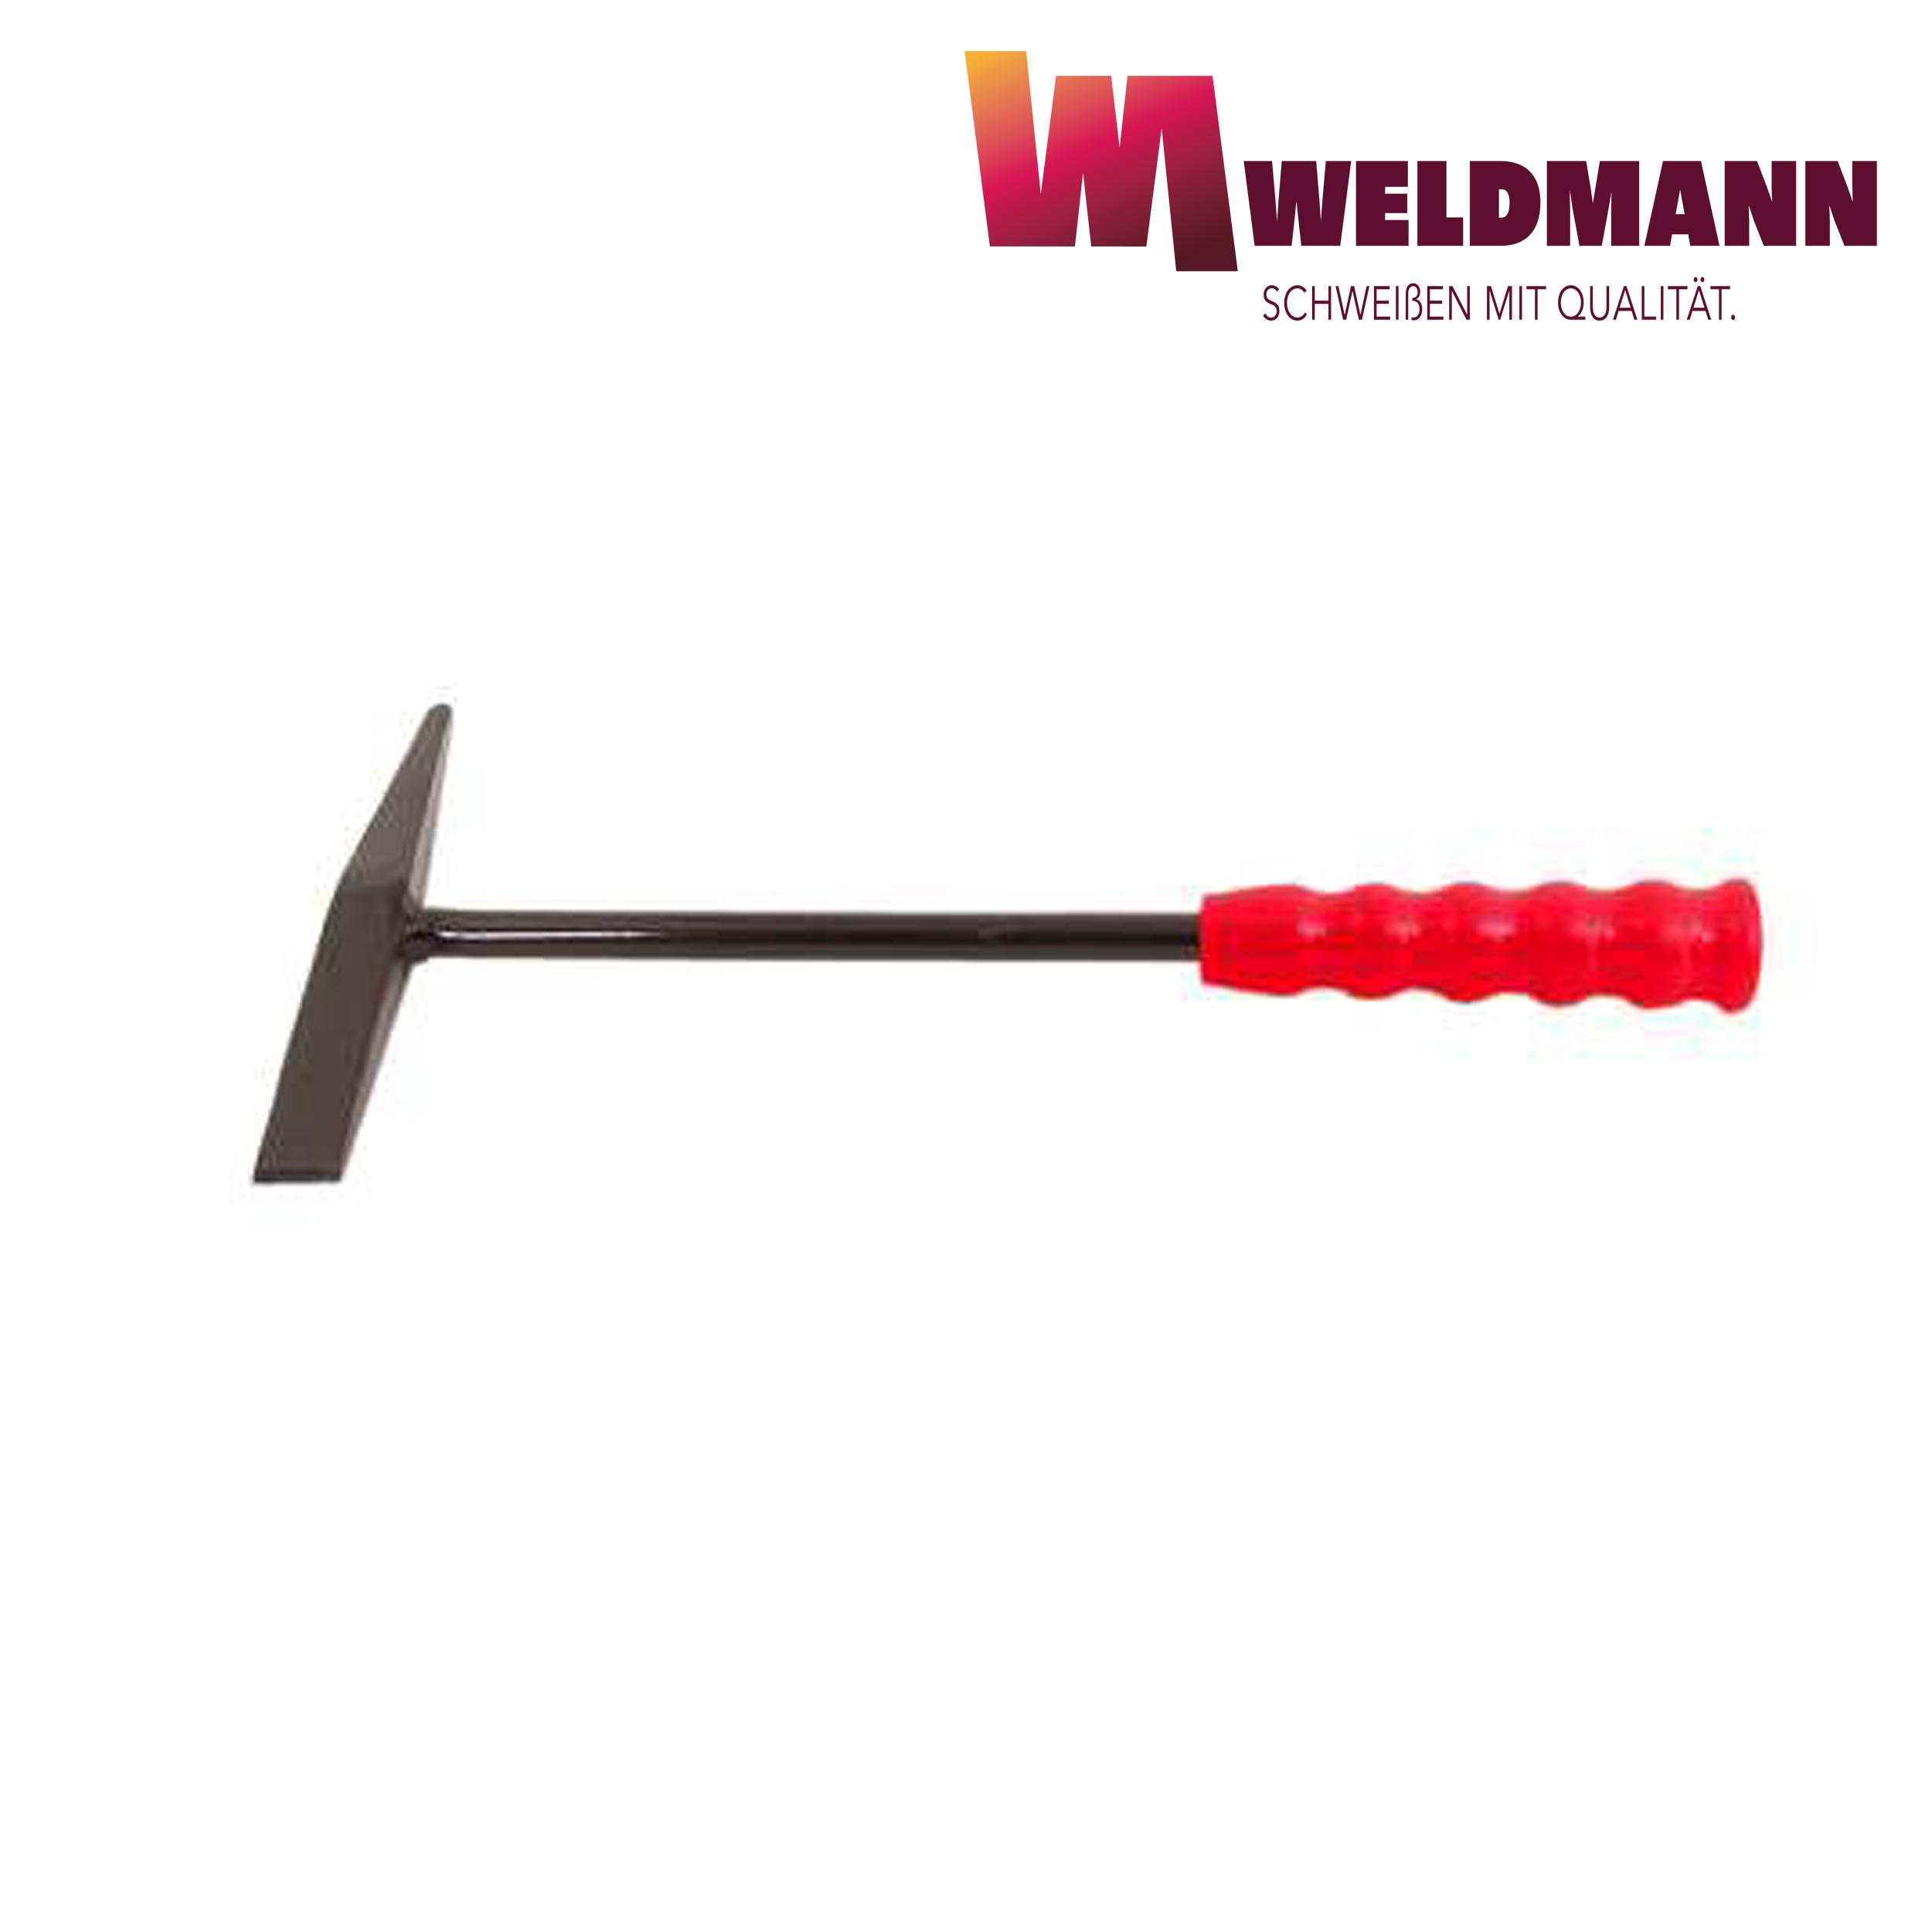 Stahlhammer 360 g